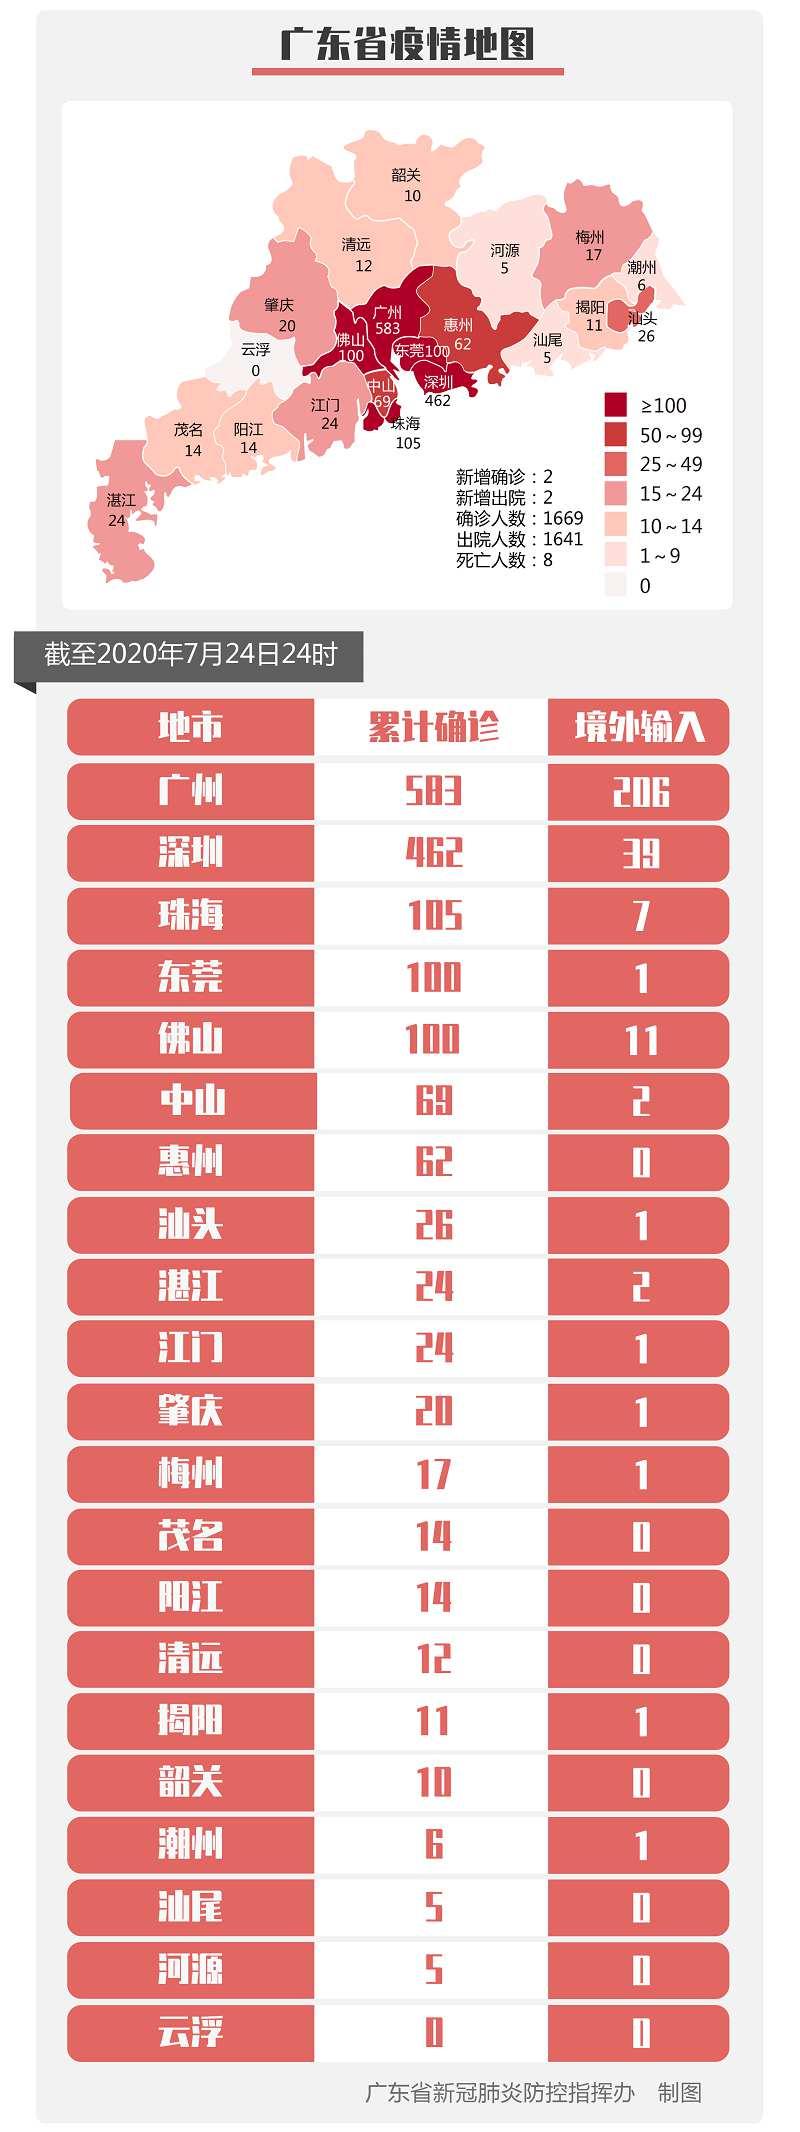 广东新增2例境外输入确诊病例和1例无症状感染者